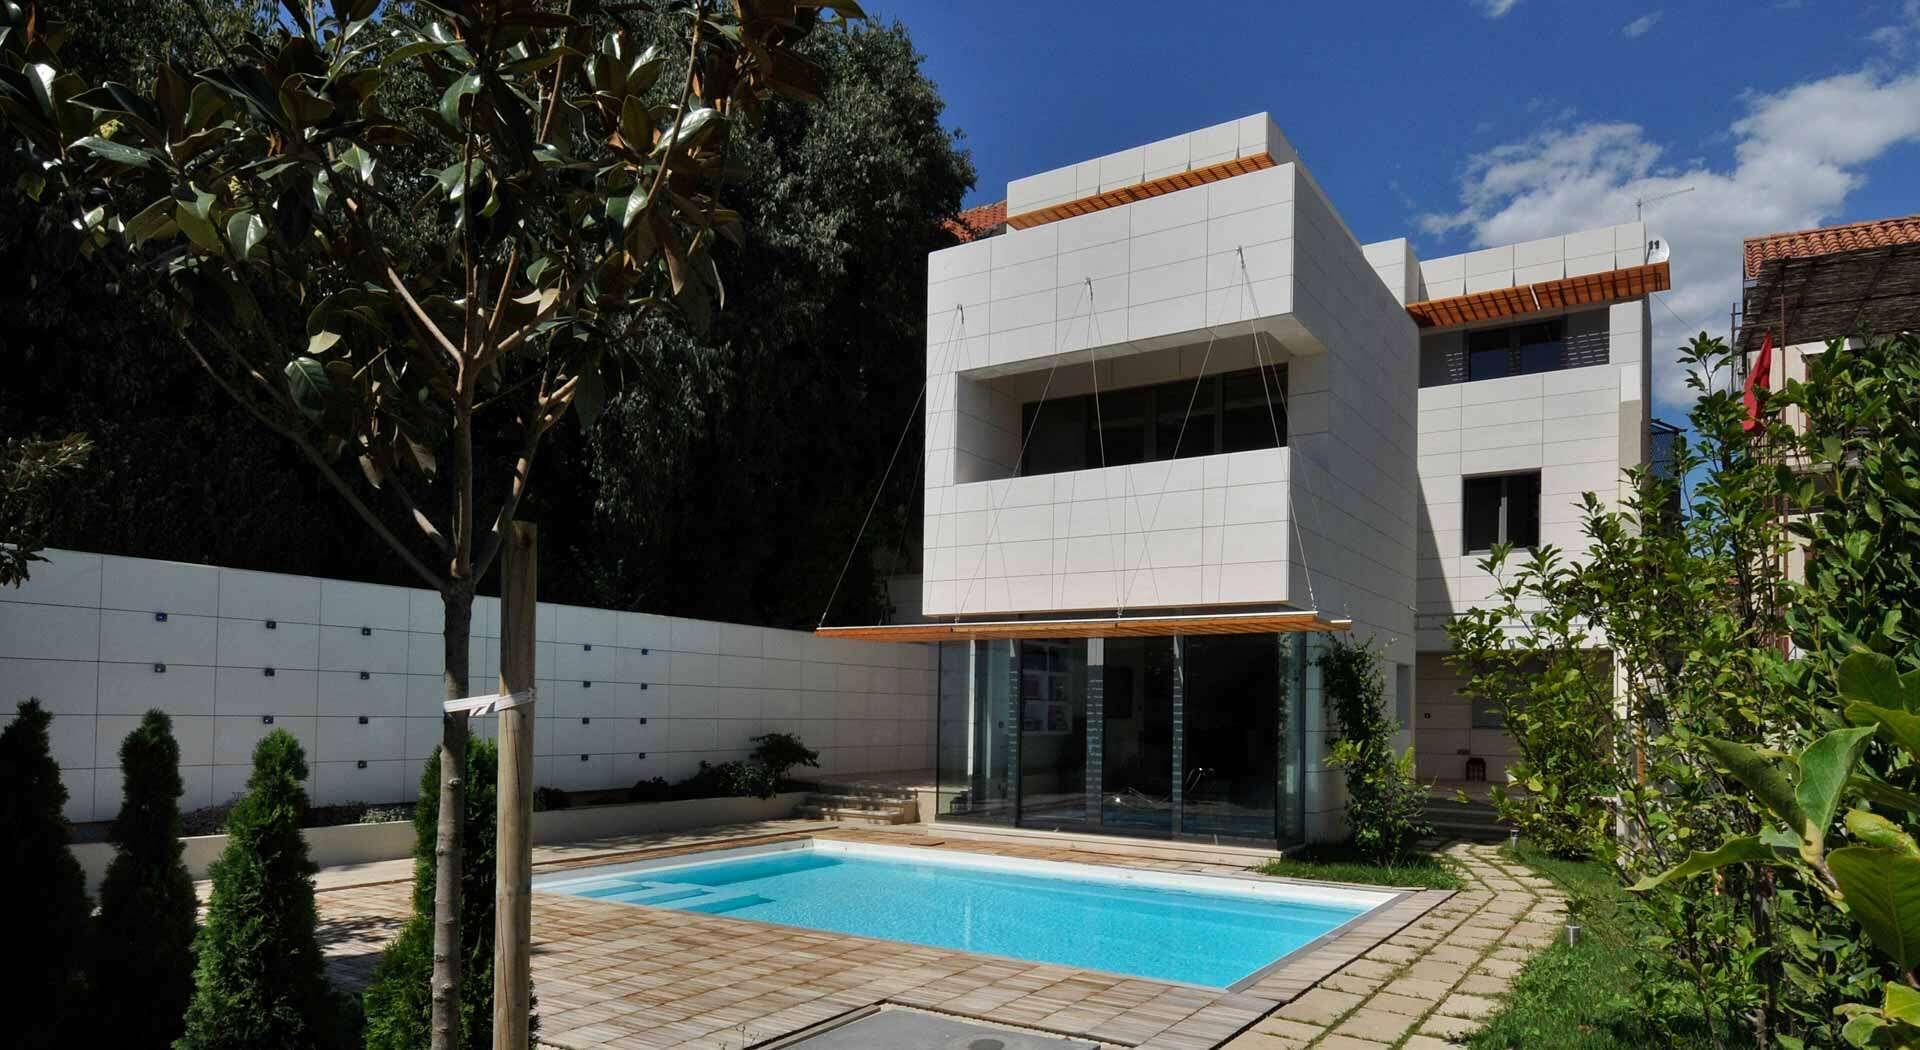 - Villa Marcellina - Image 1/40